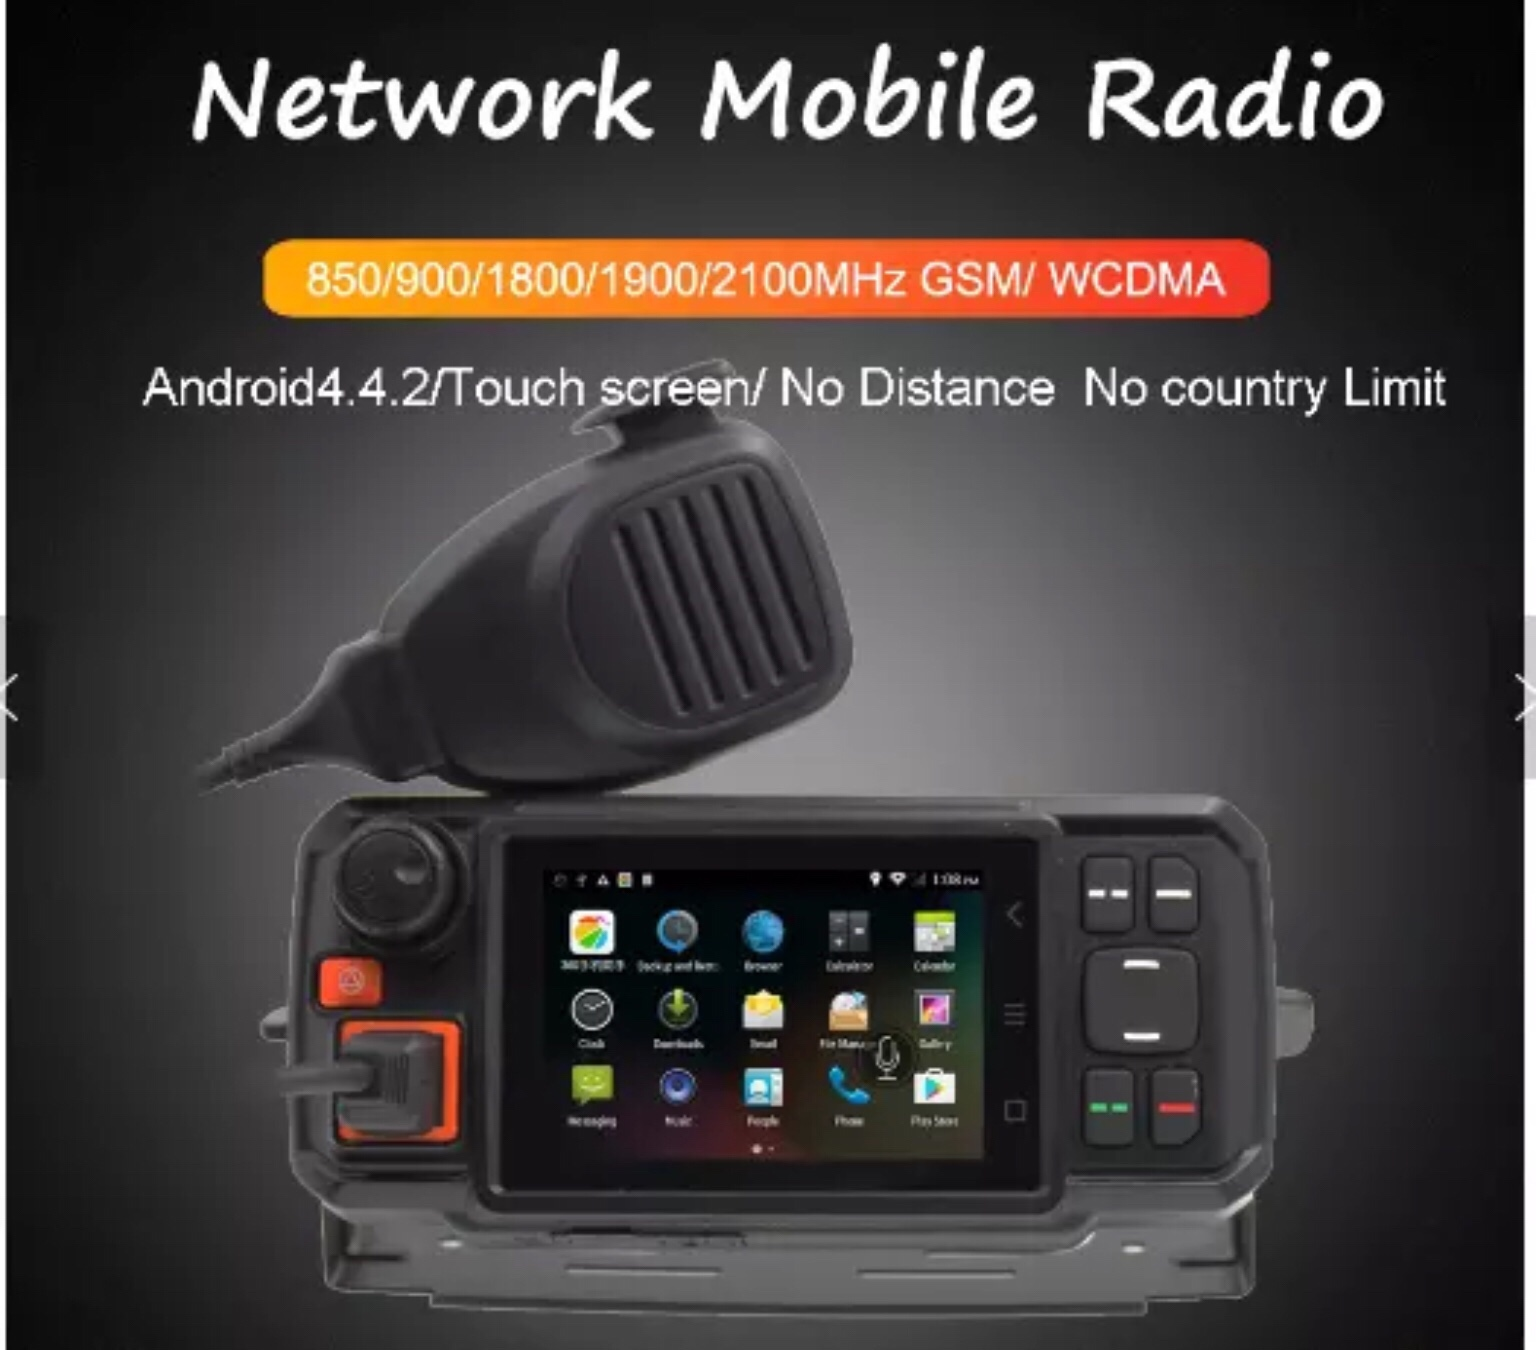 Anysecu 3G-W2 Network Radio | Simonthewizard